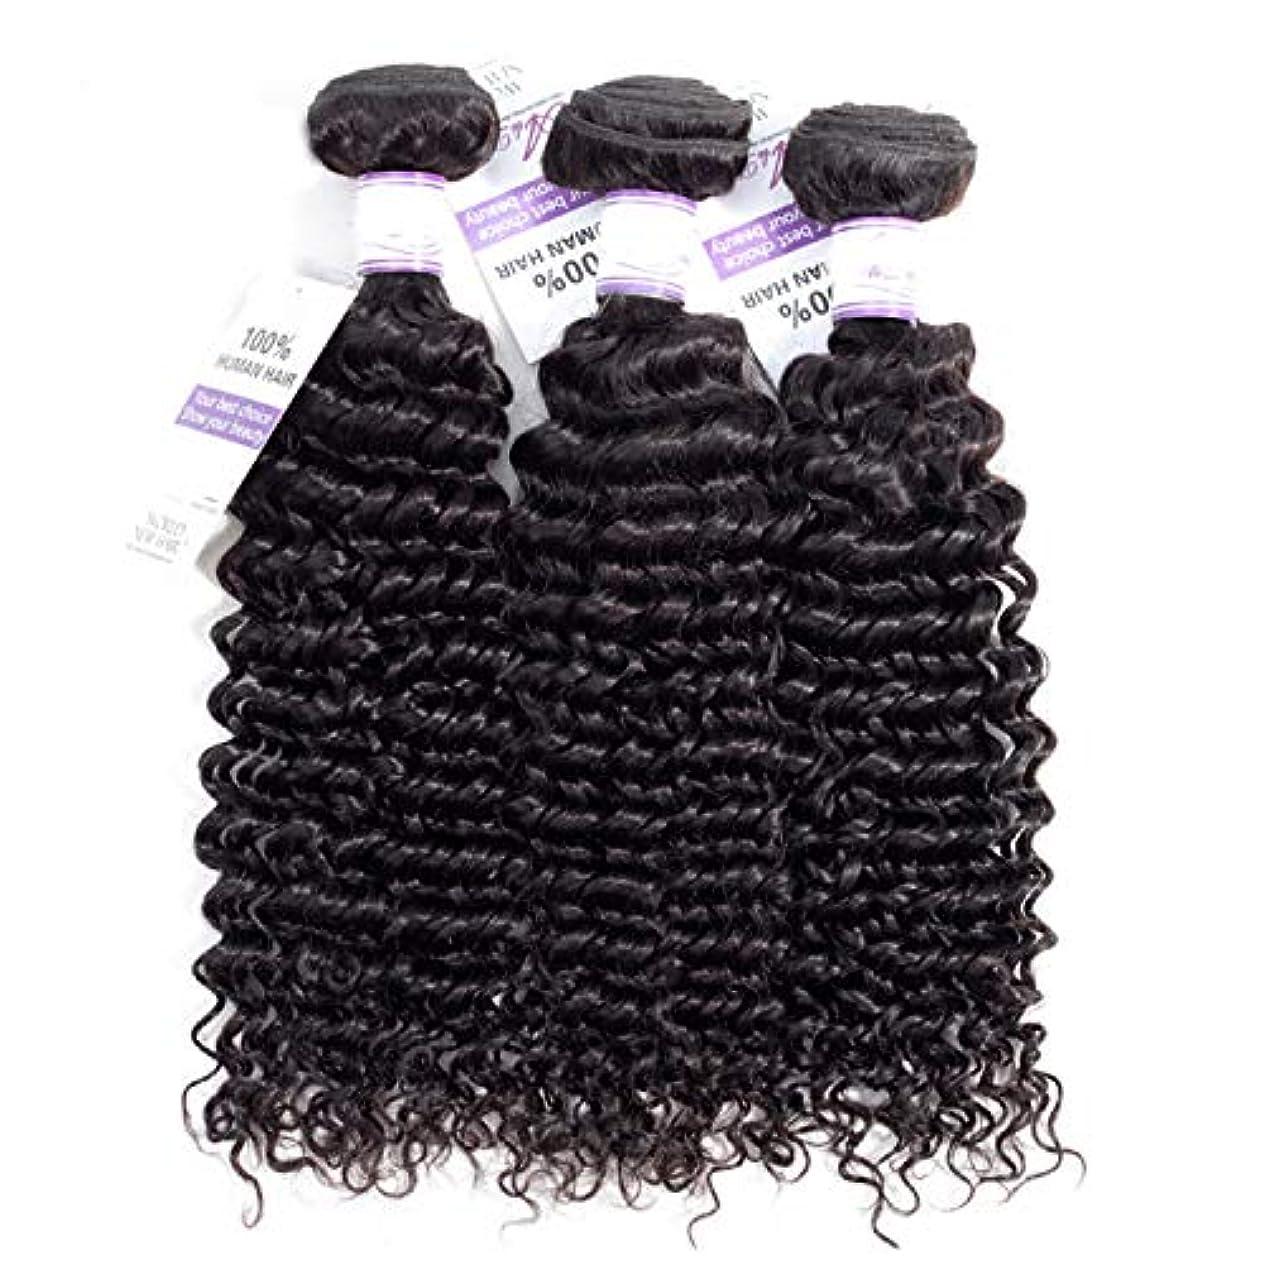 不機嫌そうな宣言センブランスブラジルのディープウェーブヘア織りバンドル100%人毛製織ナチュラルカラー非レミー髪は3個購入することができます (Stretched Length : 16 16 16 inches)